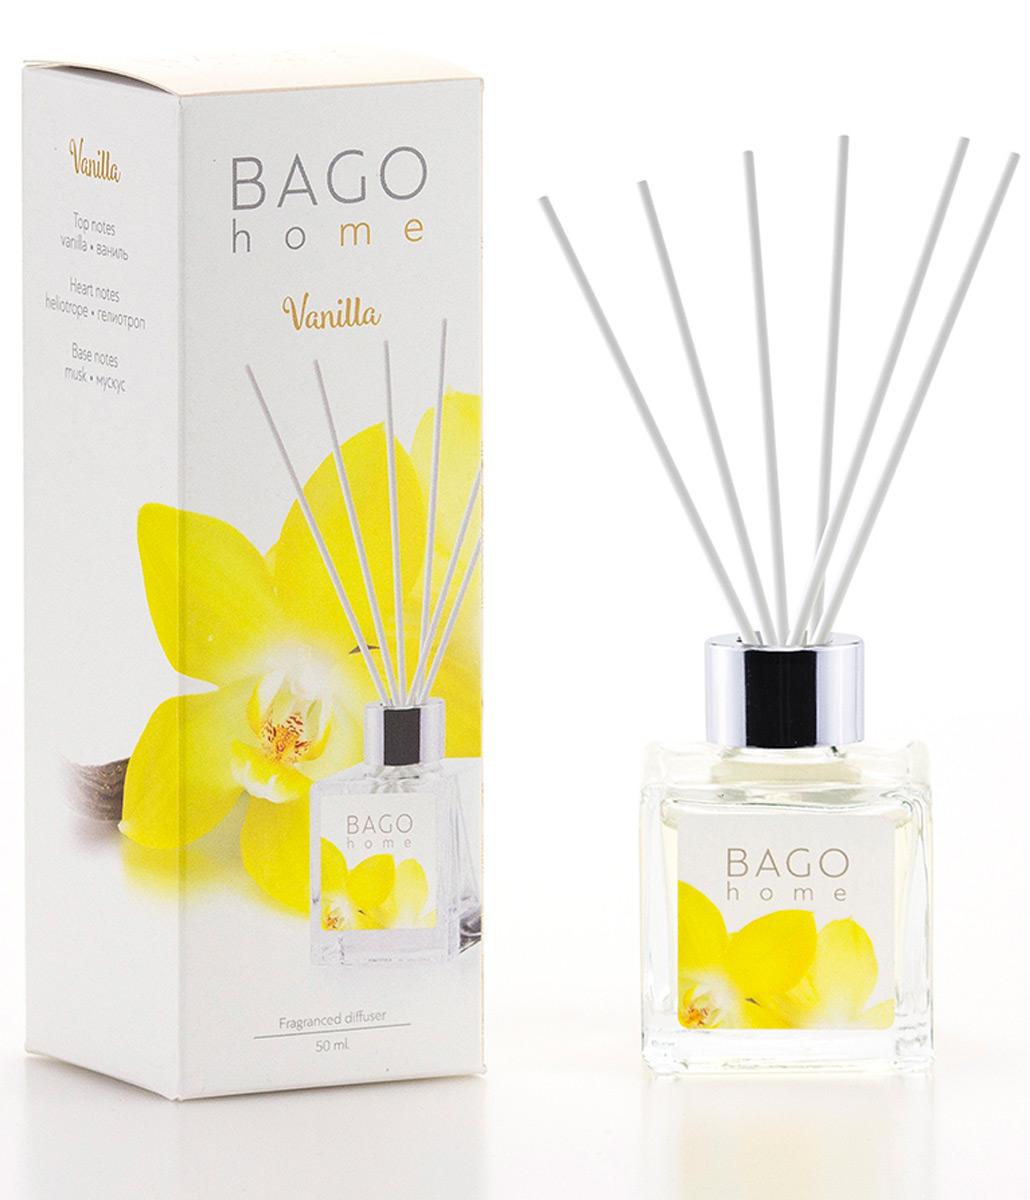 Мини-диффузор ароматический BAGO home Ваниль, 50 мл ароматический диффузор cristalinas premium для жилых помещений с ароматом магнолии 180 мл